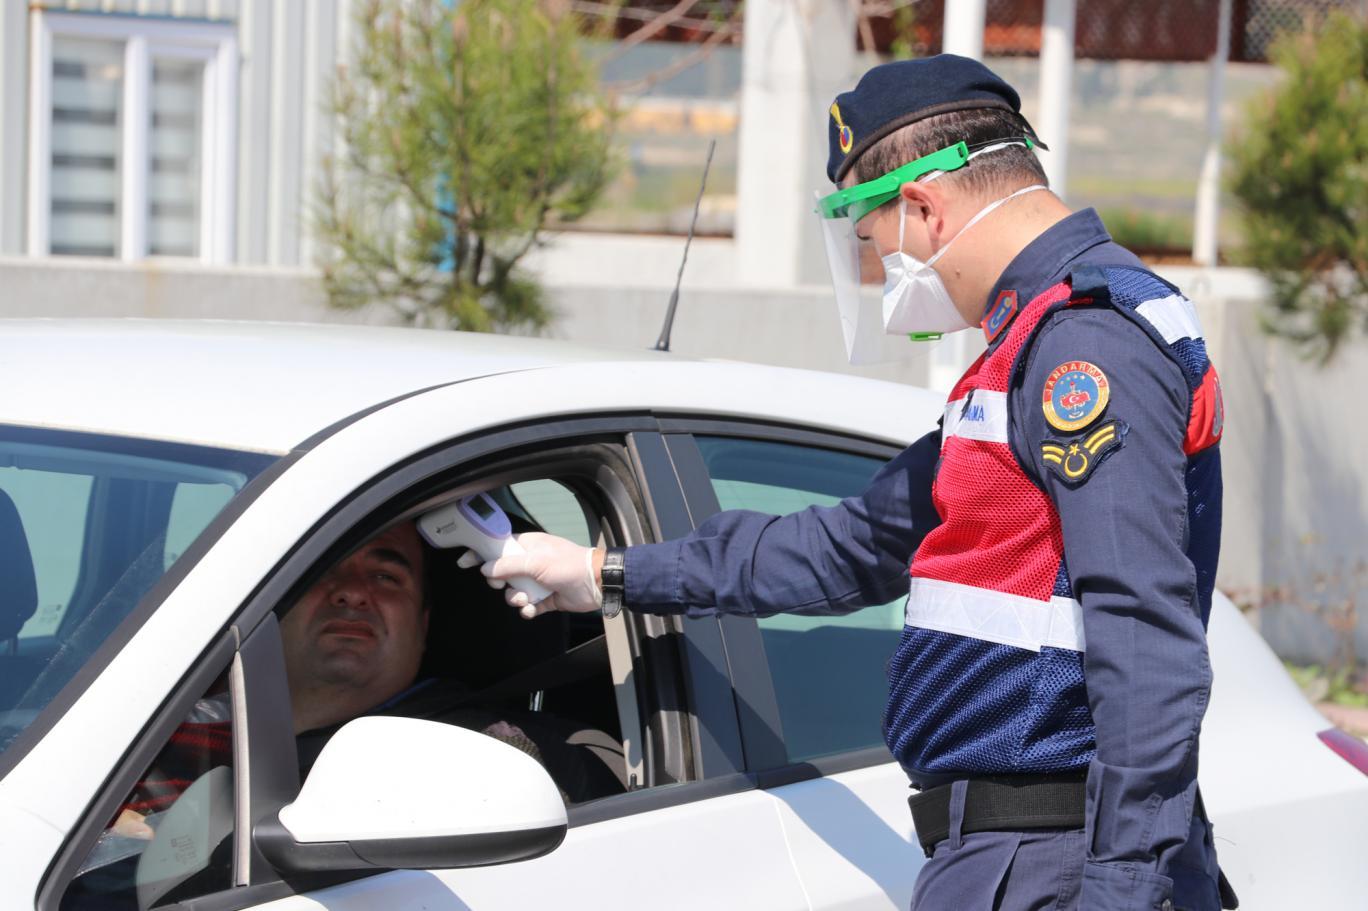 İstanbul'da salgın tedbirleri: Özel araçlara trafik, 18 yaş altına sokak yasağı gelebilir